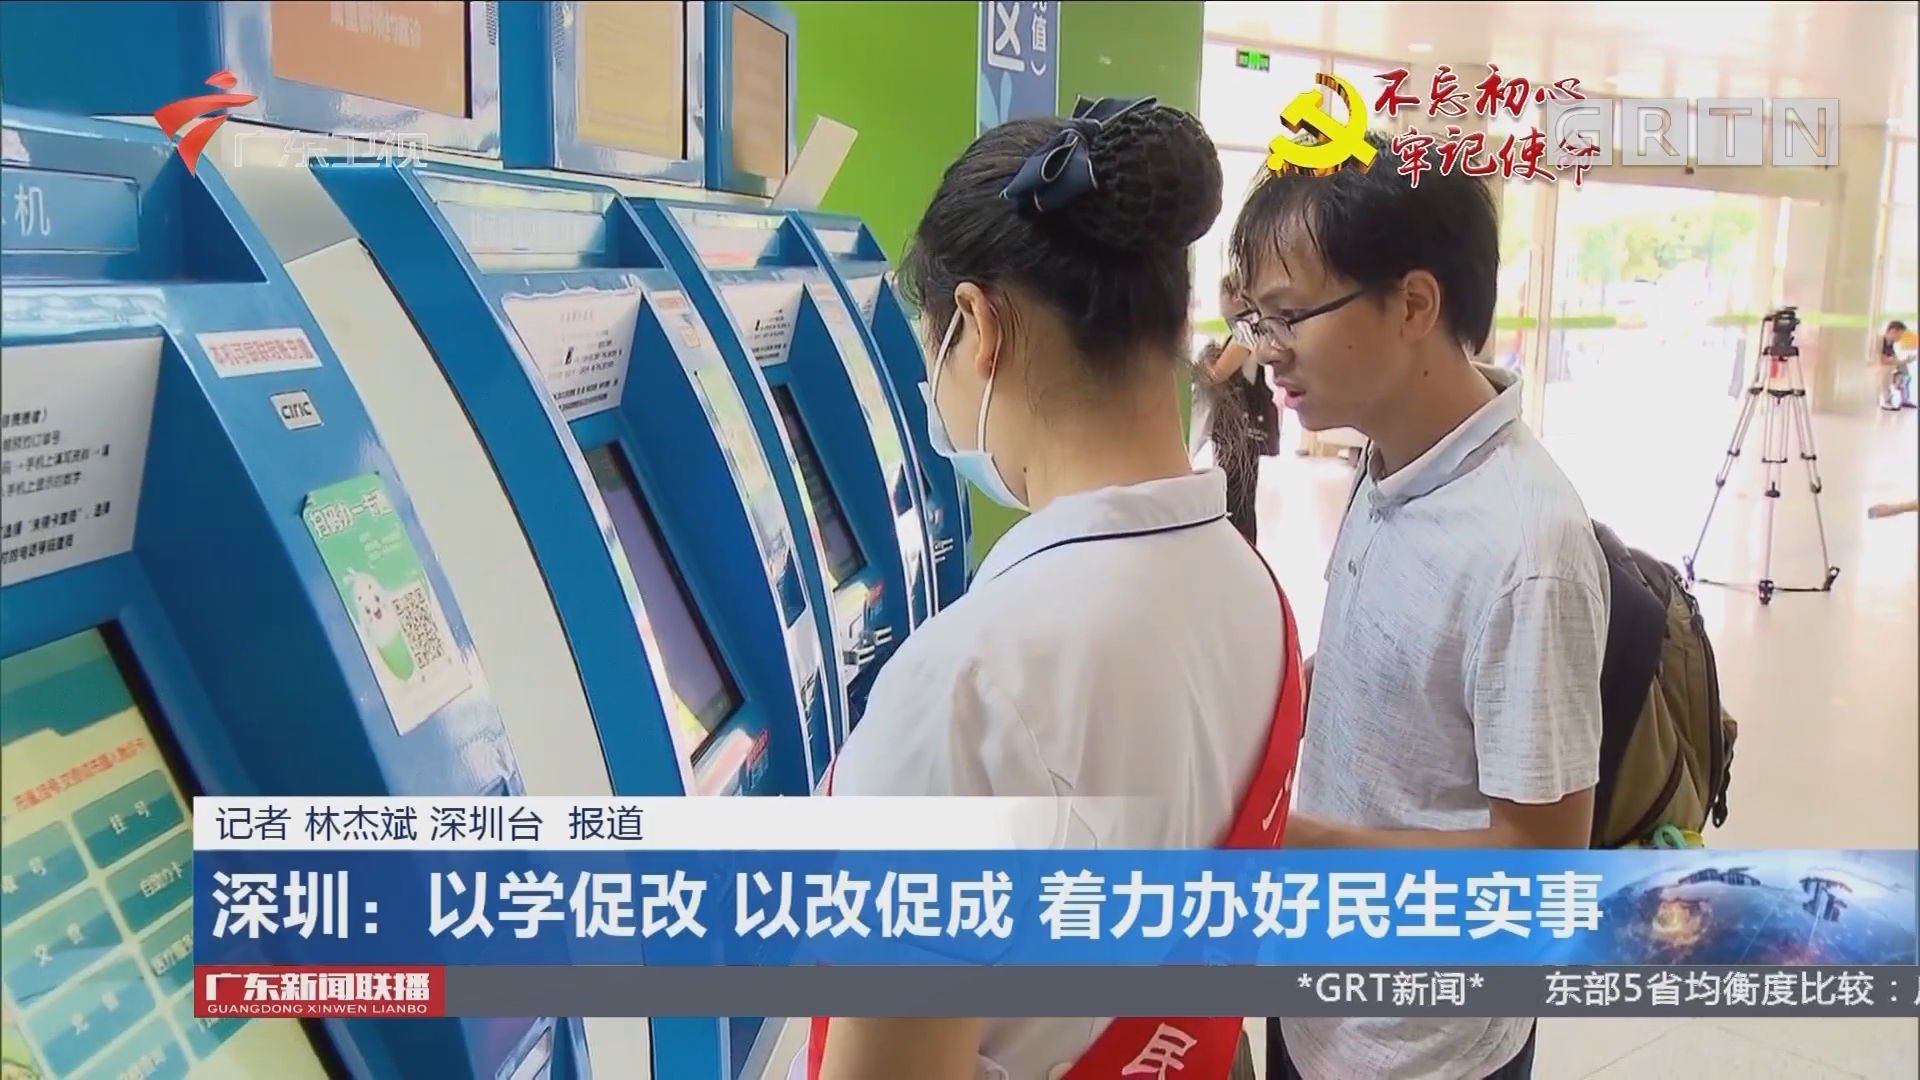 深圳:以学促改 以改促成 着力办好民生实事